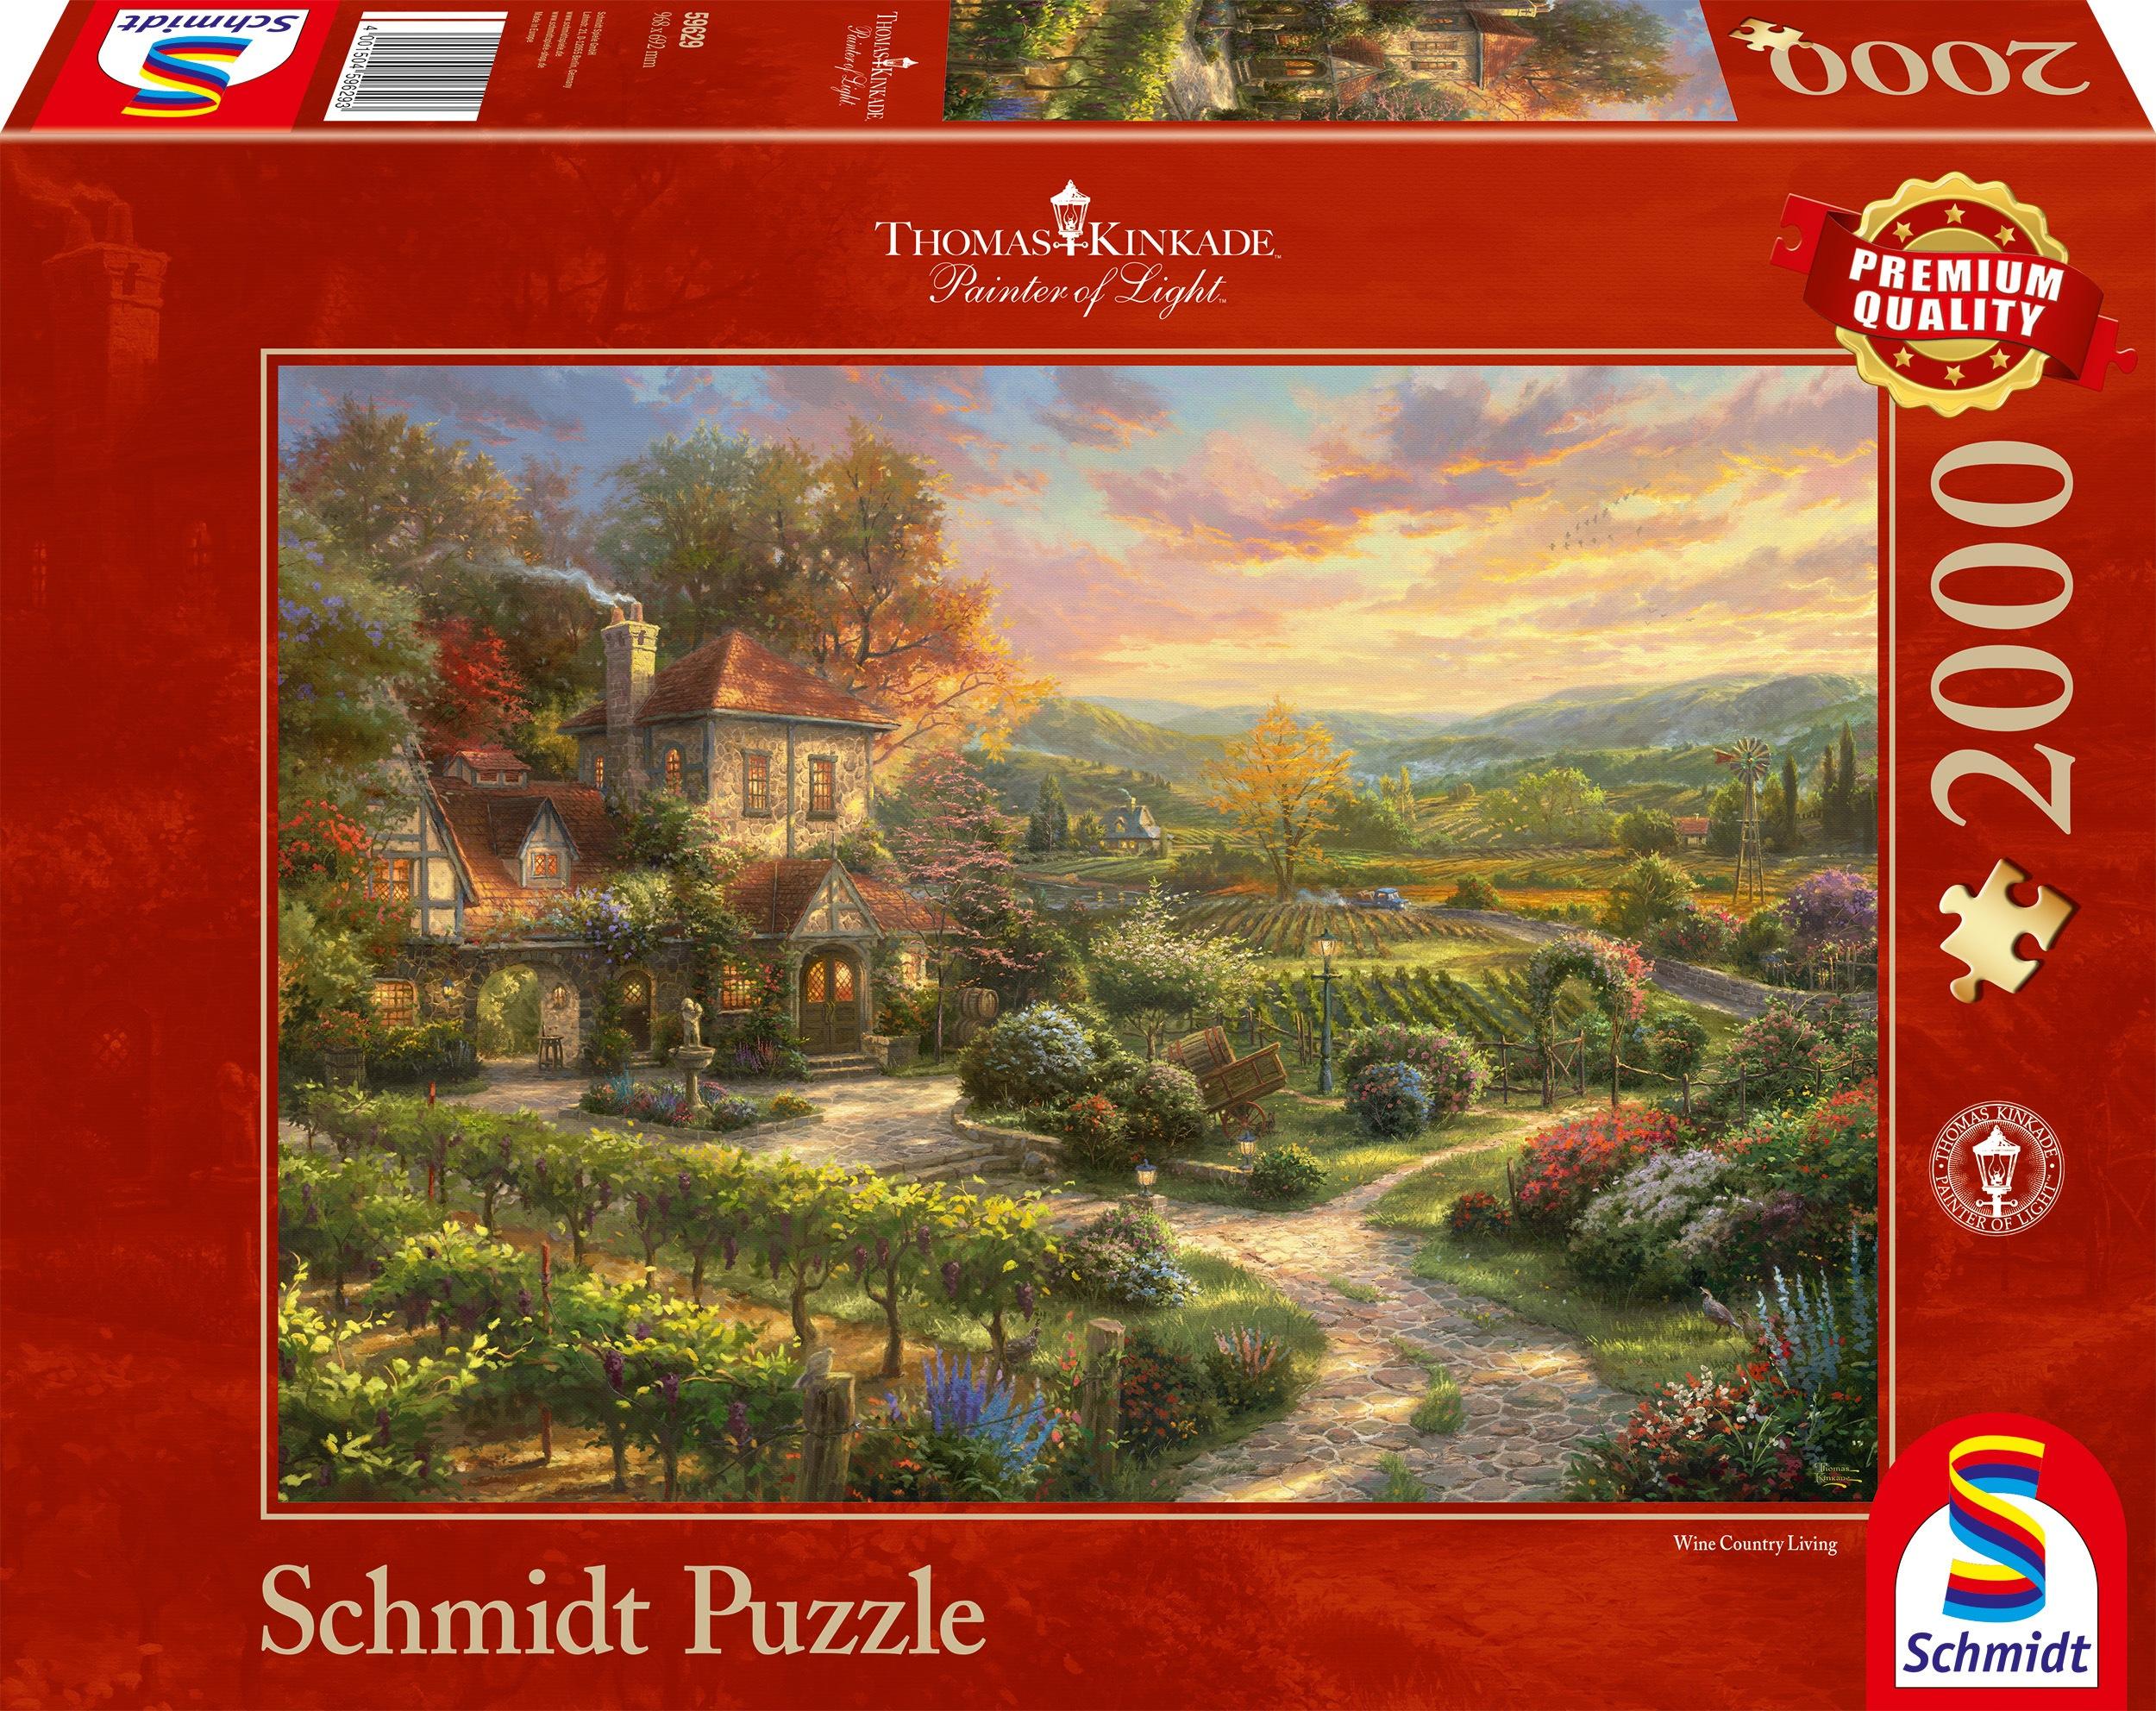 Schmidt Spiele Puzzle In den Weinbergen, Thomas Kinkade bunt Kinder Ab 12-15 Jahren Altersempfehlung